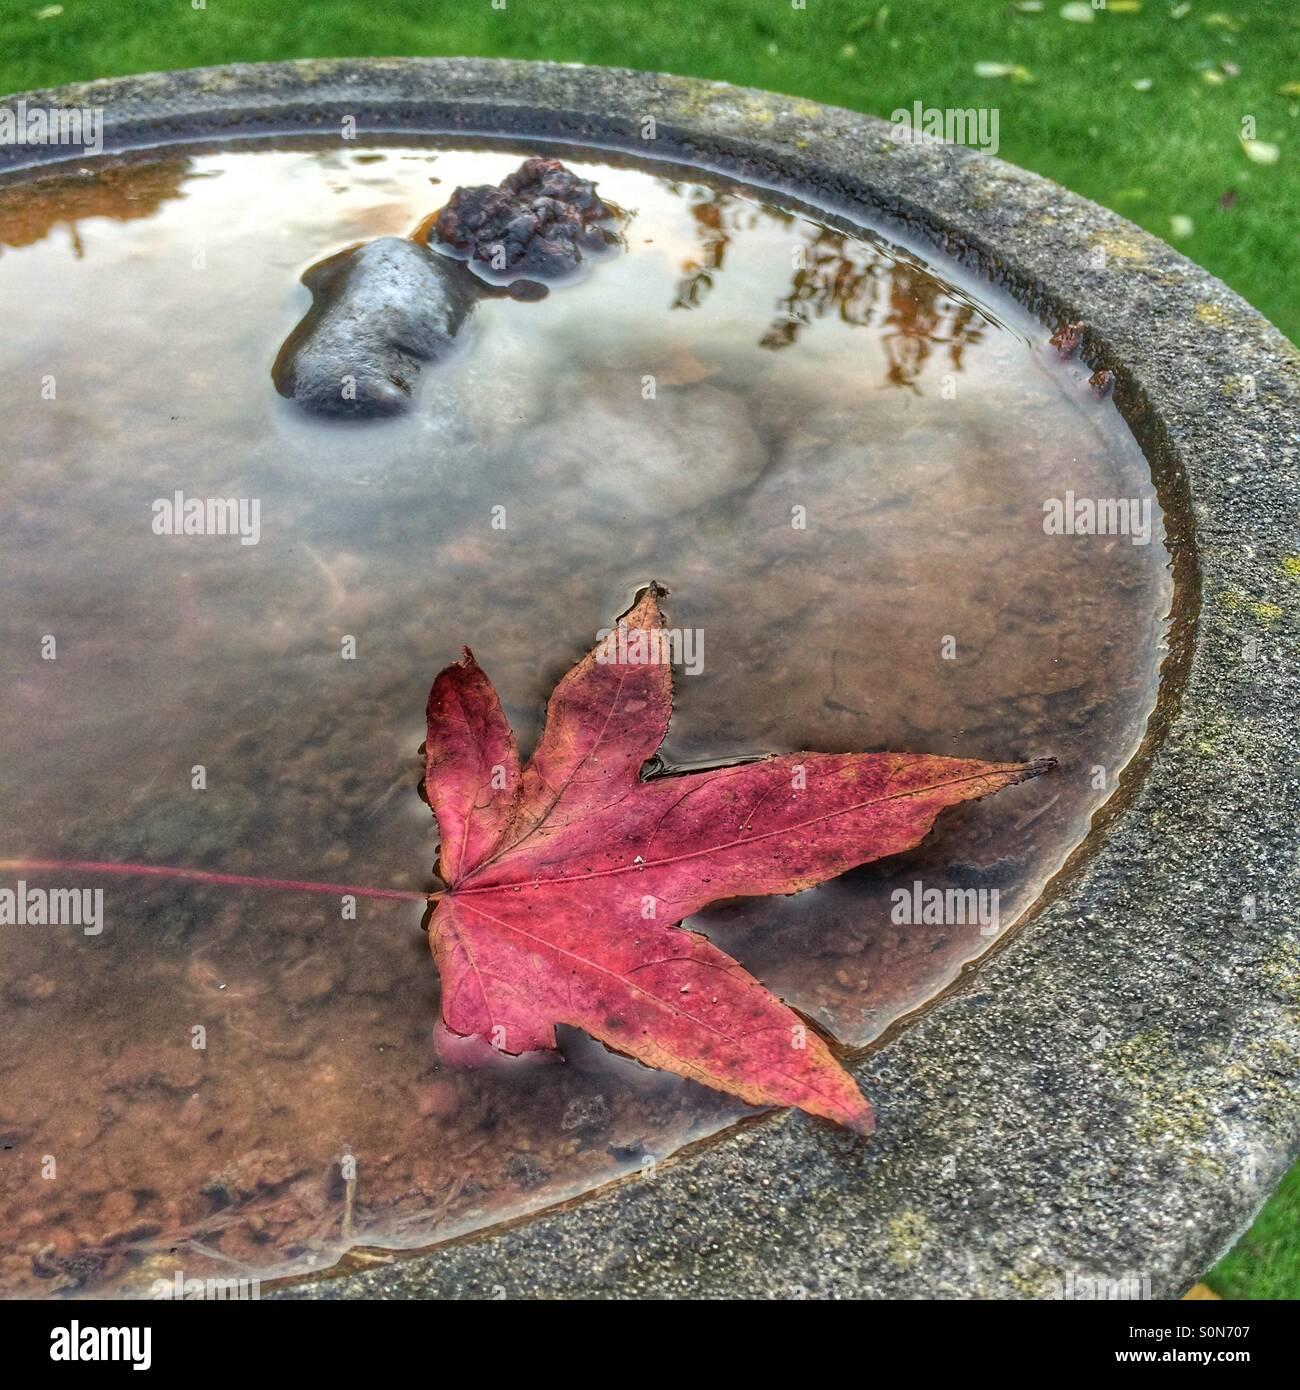 Red autumn leaf in acqua riempito Bagno uccelli mostra riflessioni sulla superficie delle acque Immagini Stock